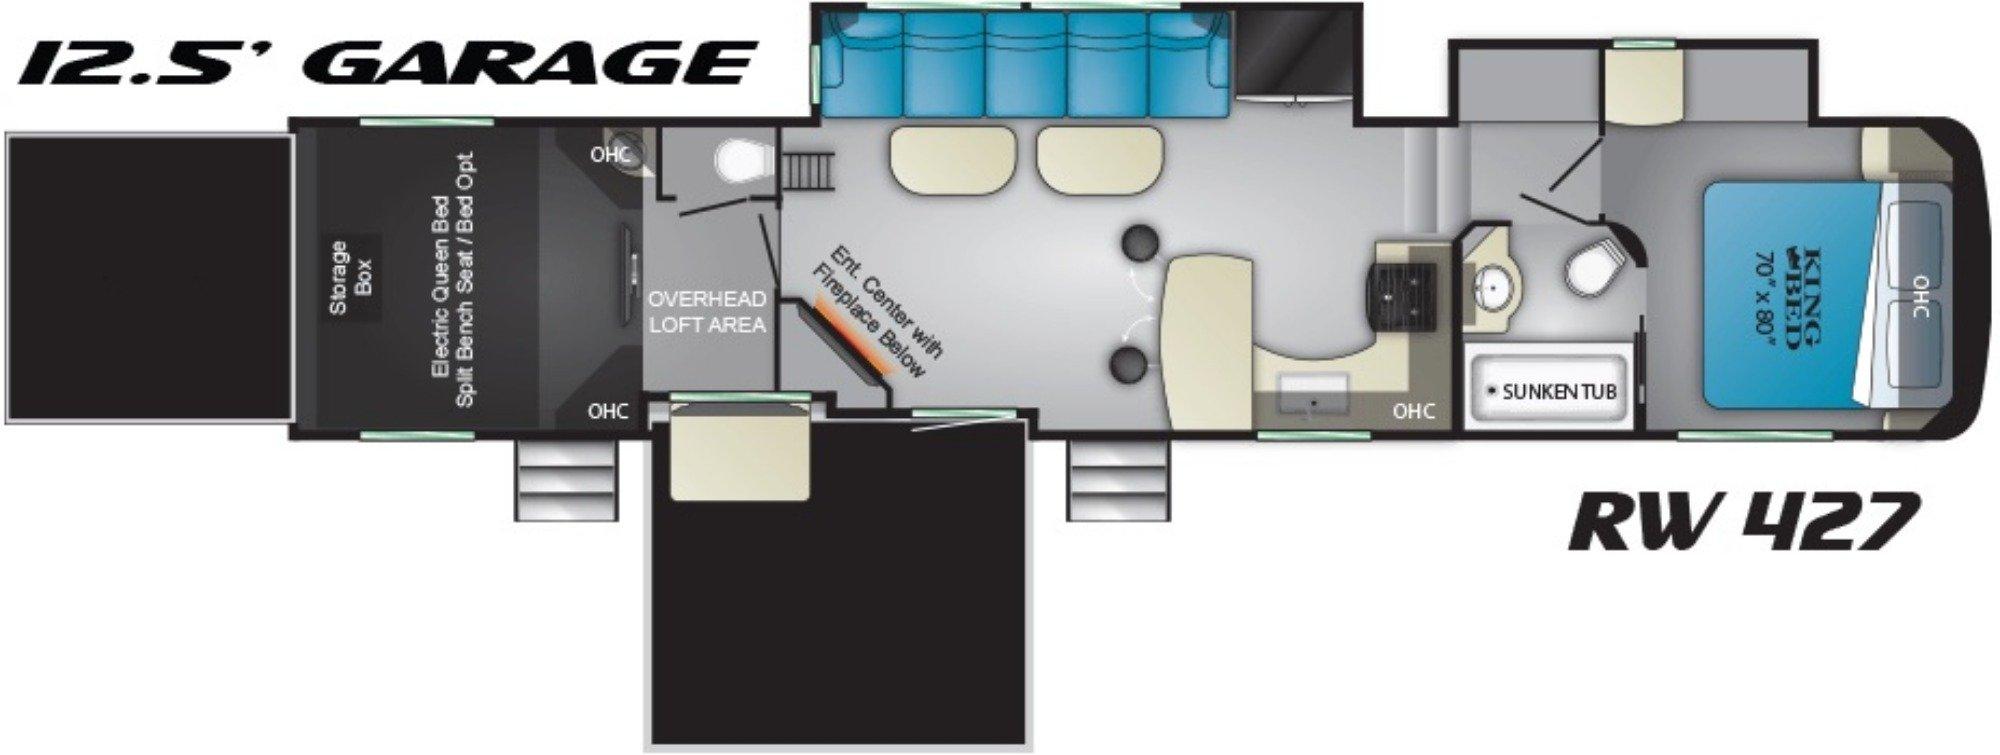 View Floor Plan for 2019 HEARTLAND ROAD WARRIOR 427